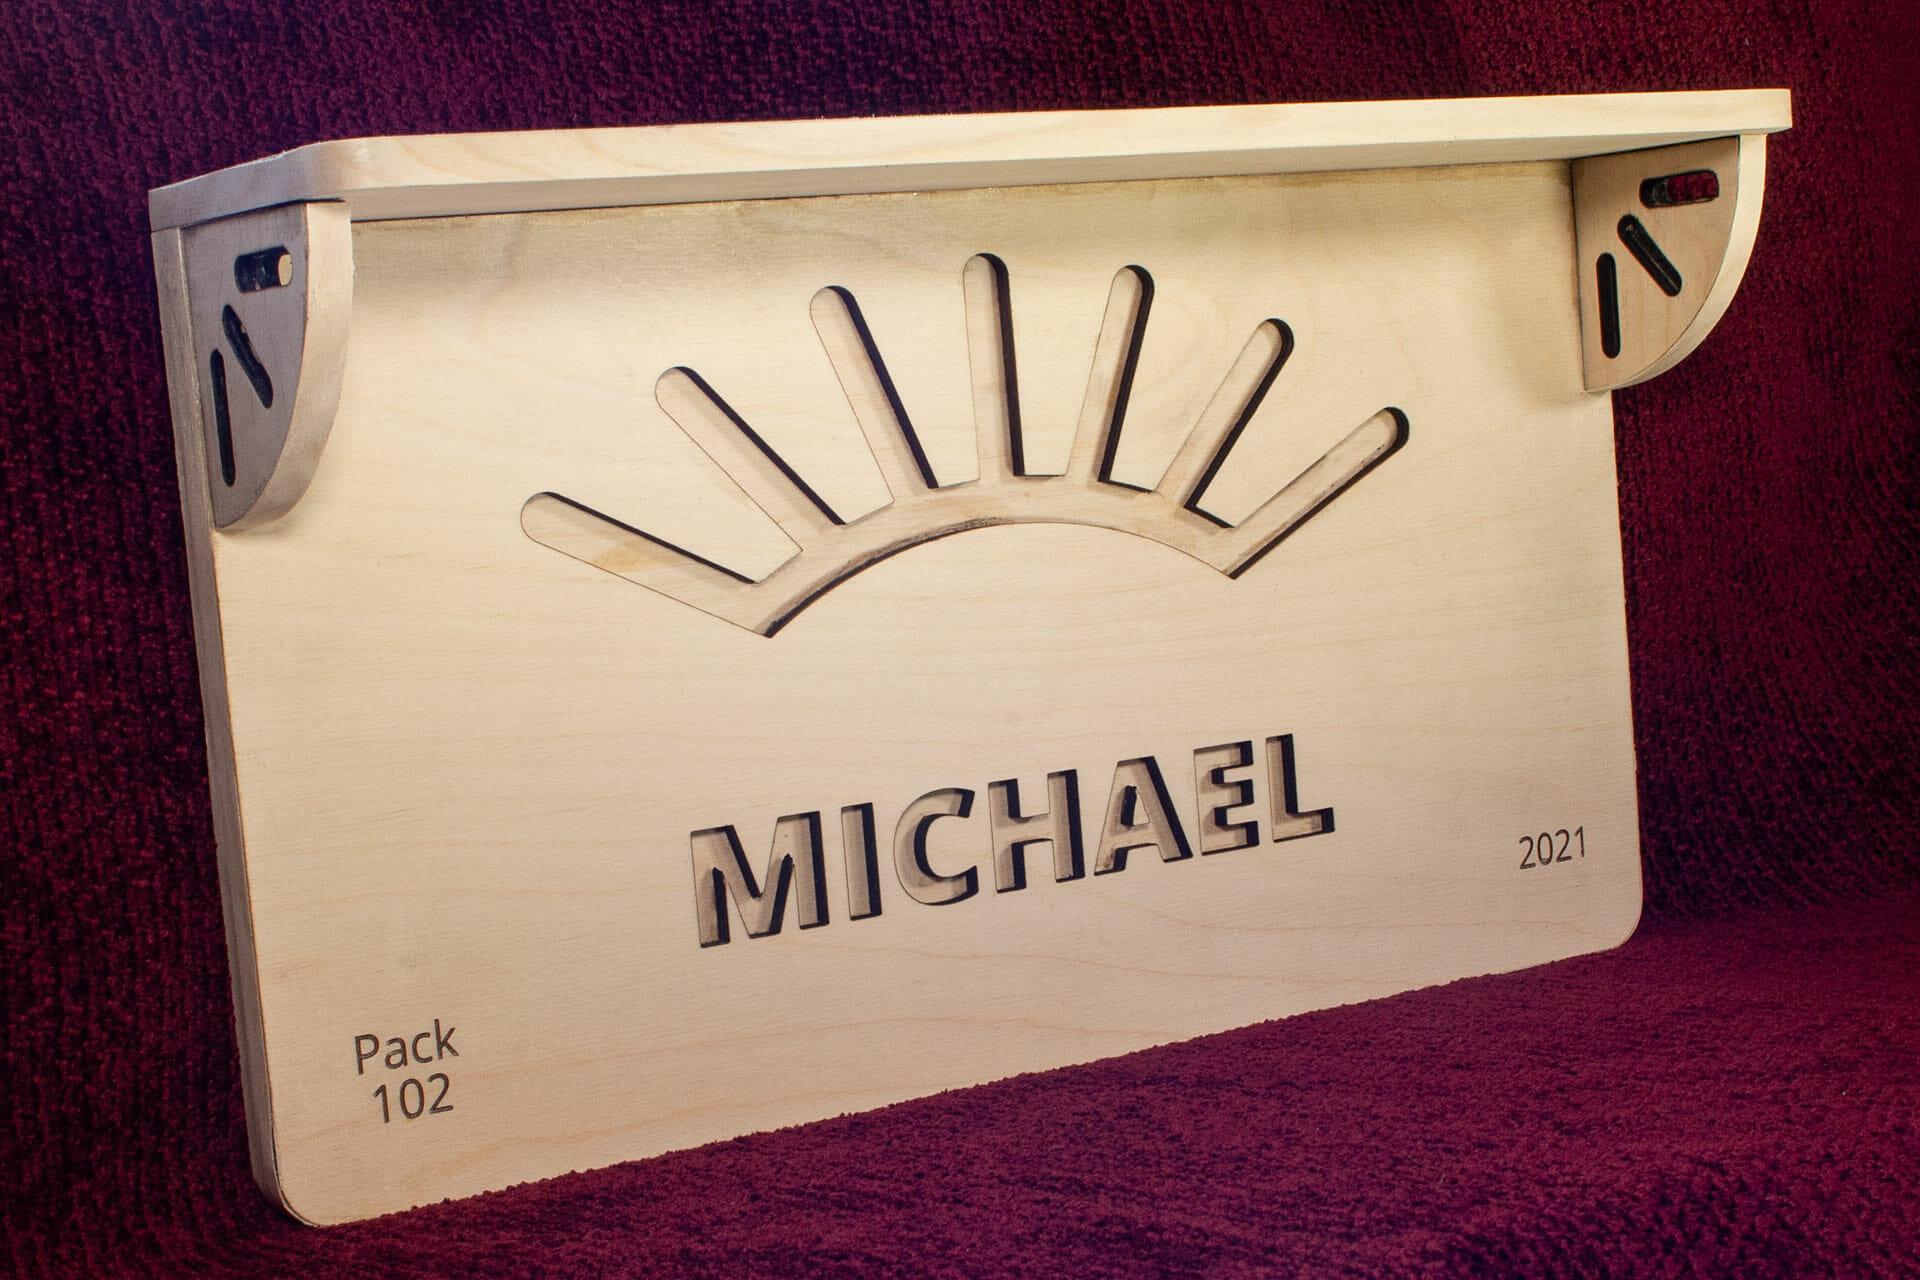 Arrow of Light plaque + shelf (3/4 view left)